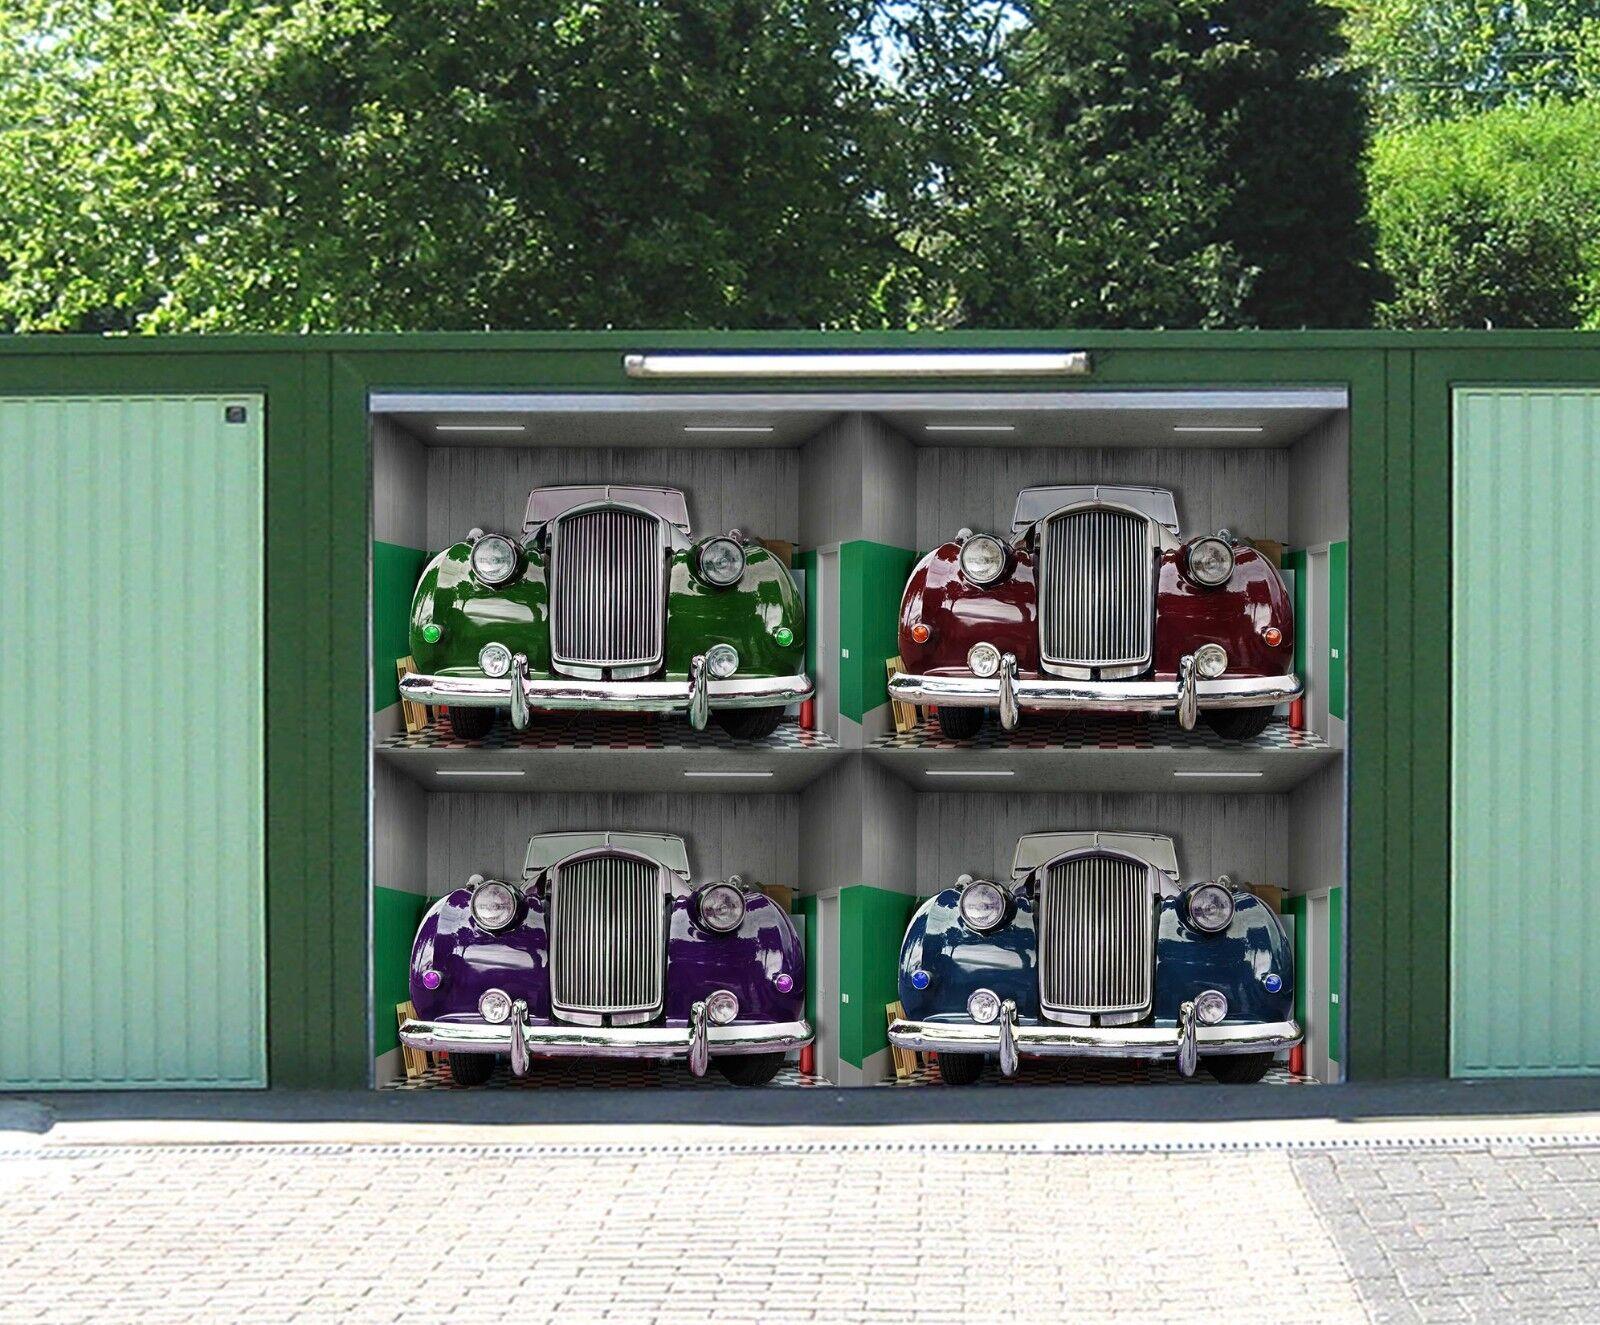 3D Farbe Car 78 Garage Door Murals Wall Print Decal Wall AJ WALLPAPER AU Carly